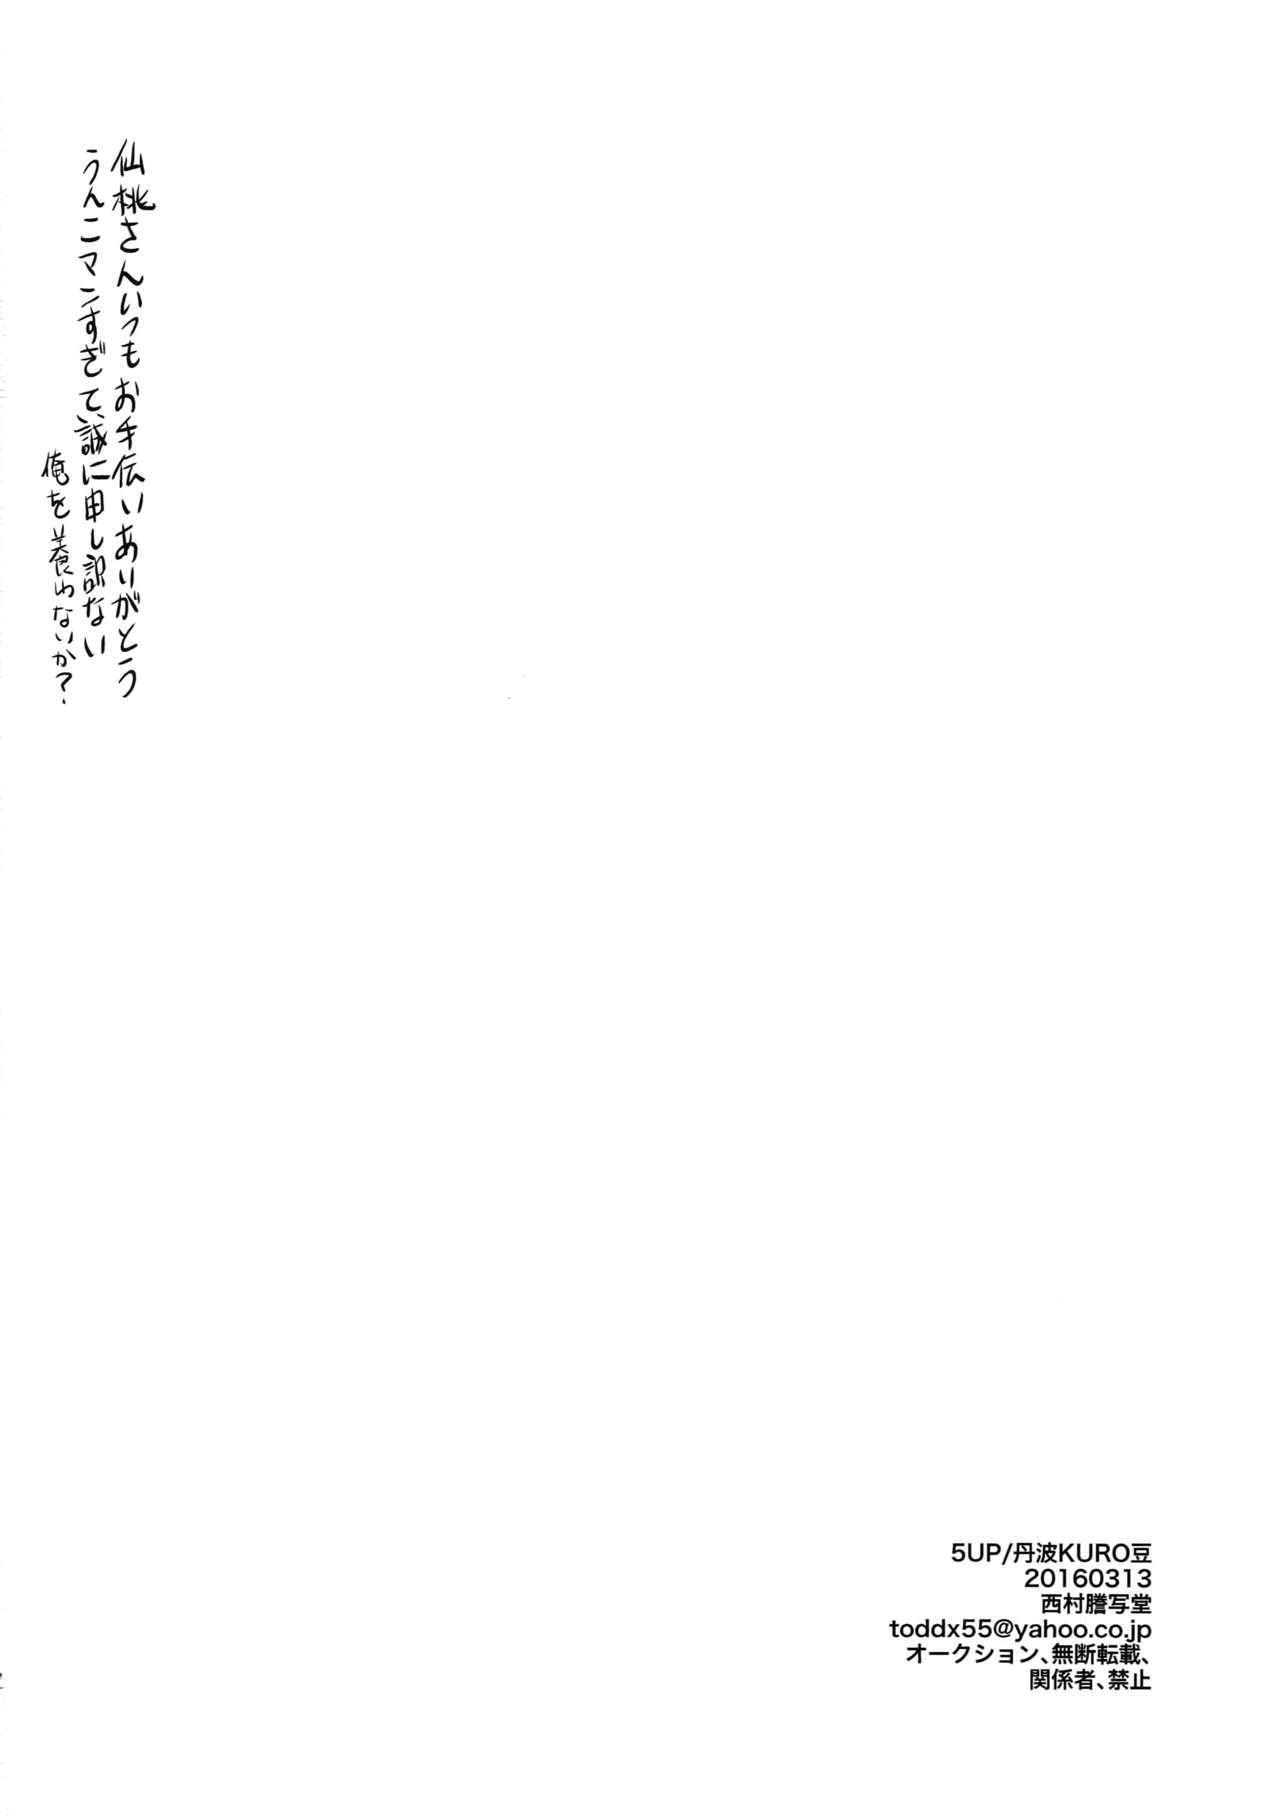 Komochi Yamome Shokugyou Hero Kaburagi T Toratouru Doushitan desu? Toratouru-san 20